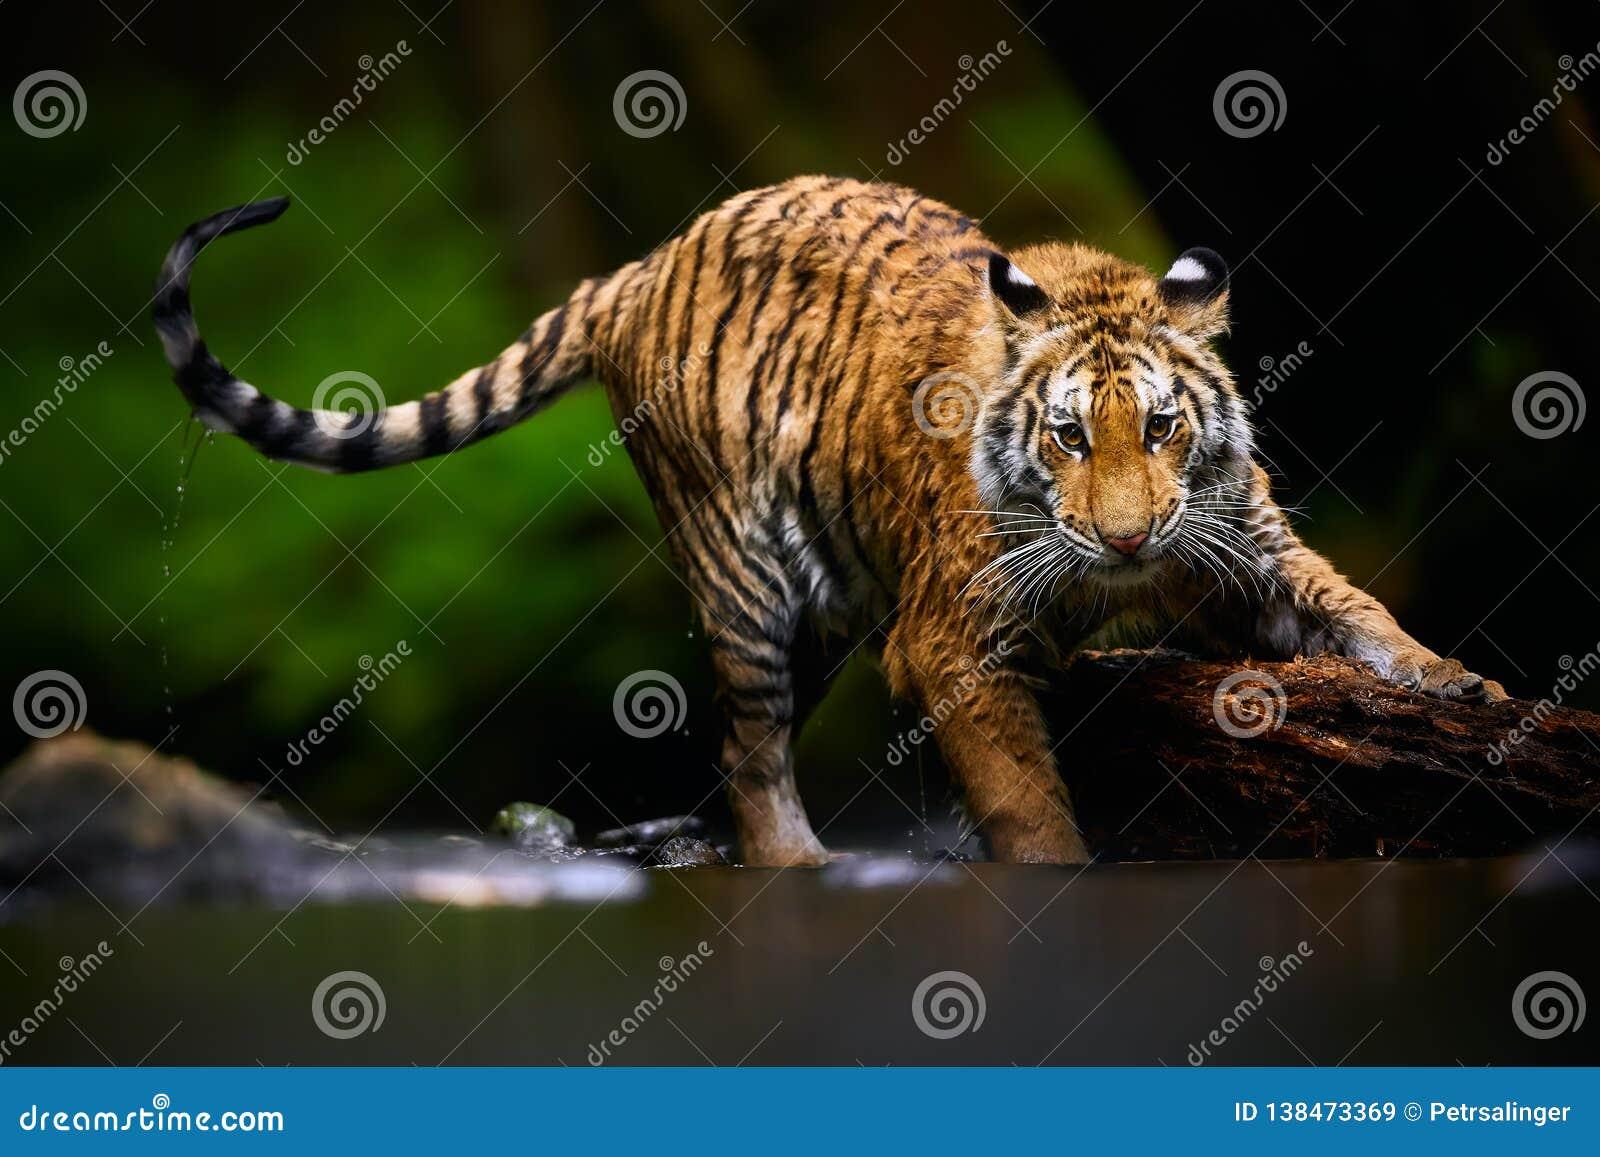 Tigre Siberian novo bonito - o altaica de tigris do Panthera está jogando no rio com madeira grande Cena dos animais selvagens da